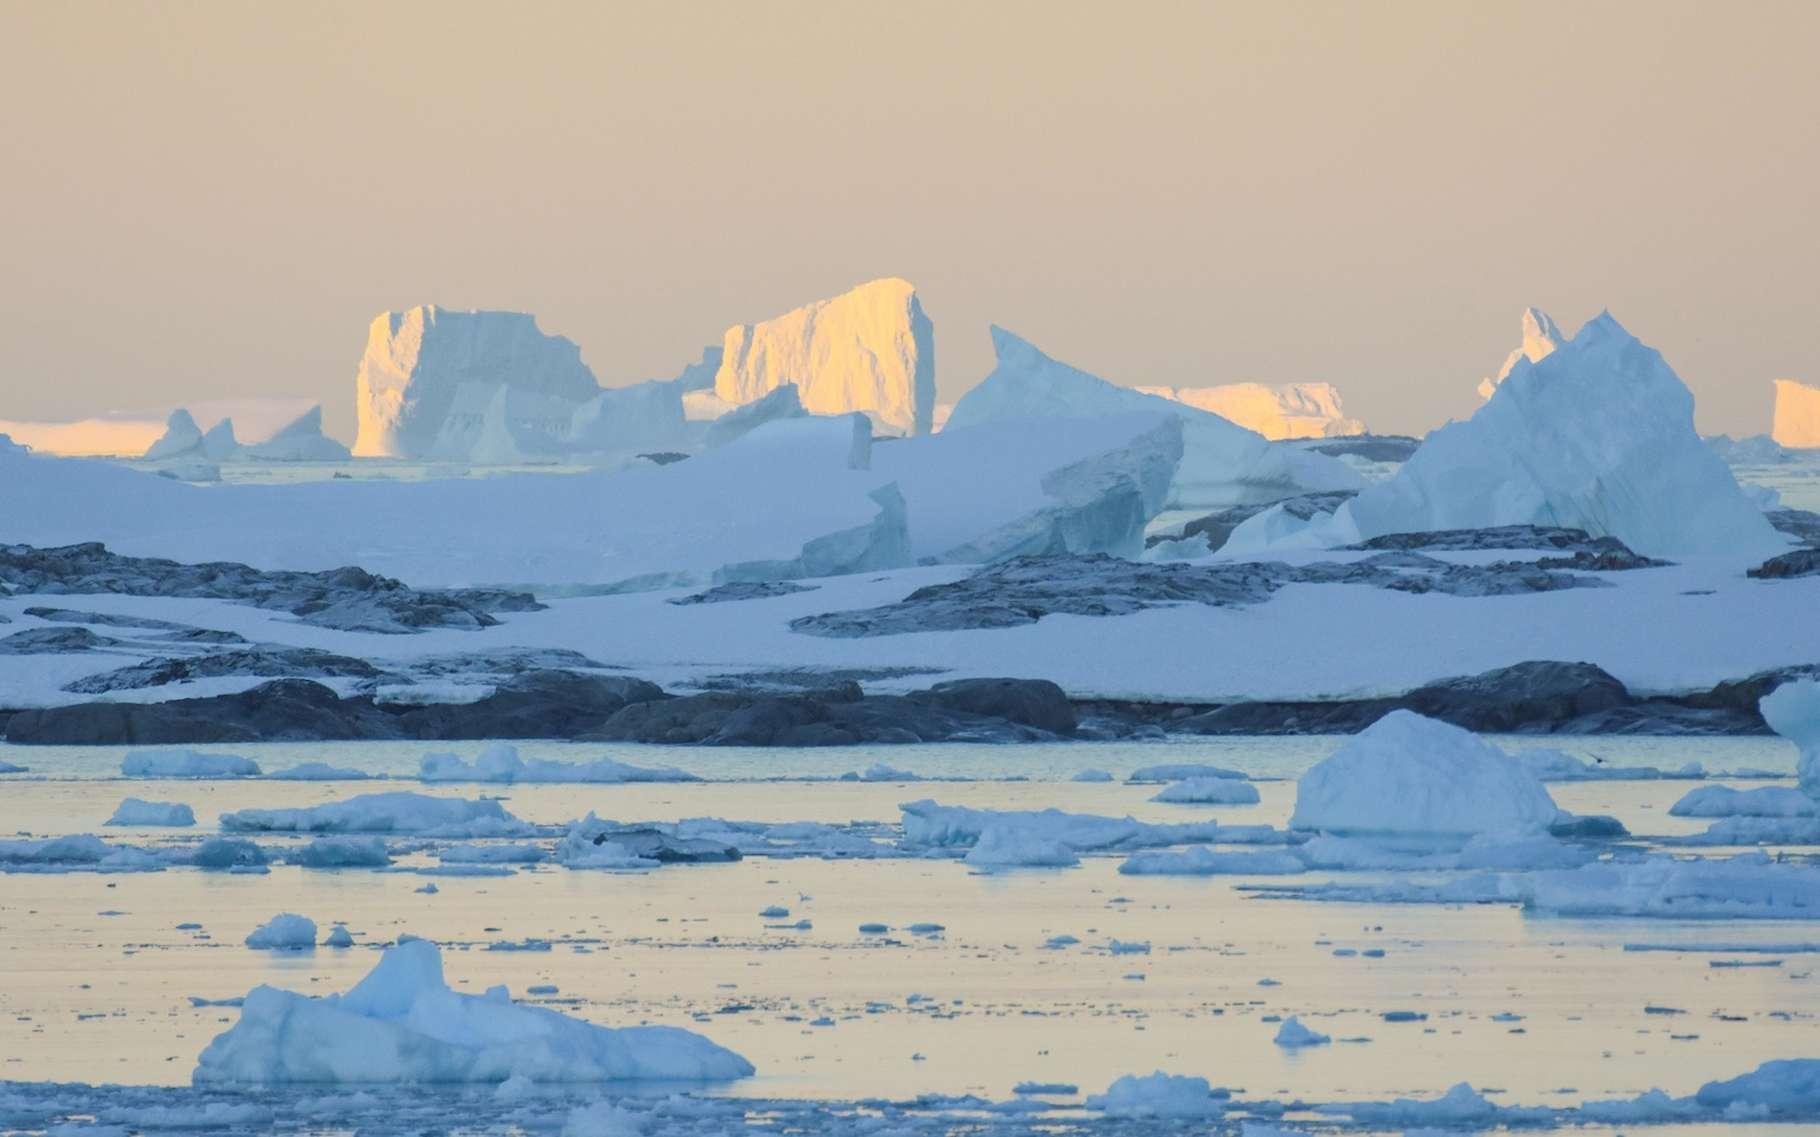 Les chercheurs de l'École polytechnique fédérale de Zurich (Suisse) et de l'université de Princeton (États-Unis) associent la bonne santé de la banquise antarctique — jusqu'à récemment en tout cas — au phénomène de rafraichissement des eaux de surface observé dans l'océan Austral. © Stéphane, Adobe Stock